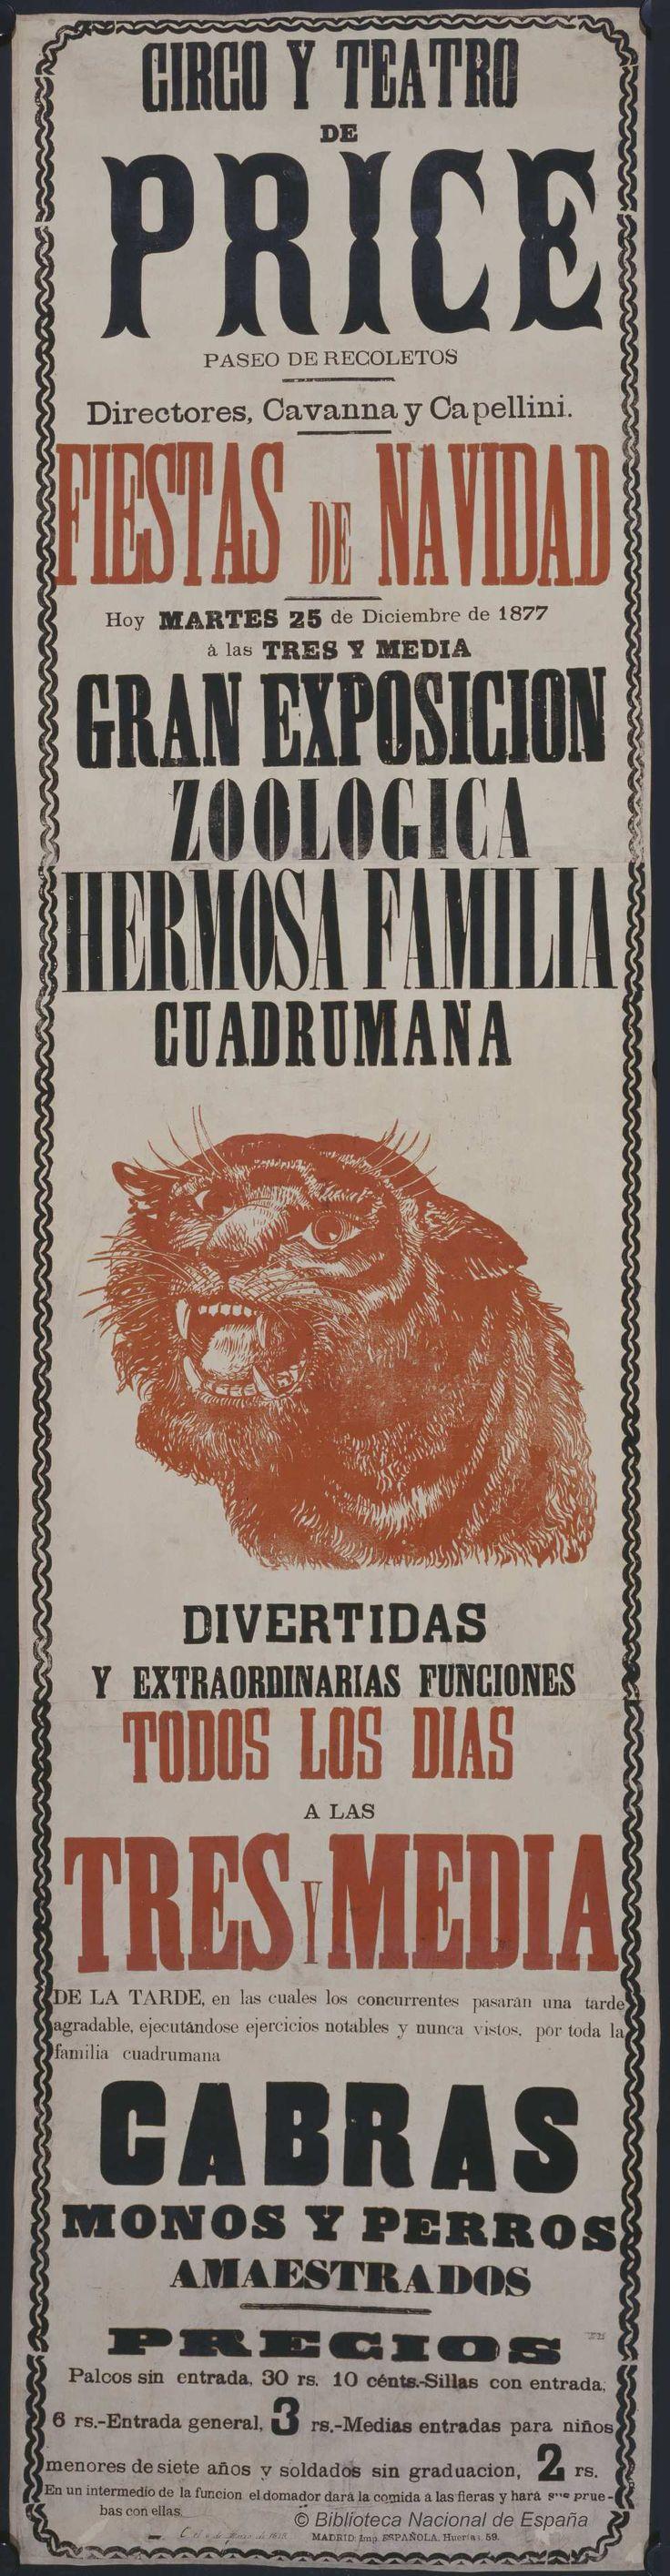 Gran exposición zoológica. Circo Price — Dibujos, grabados y fotografías — 1877 http://bdh-rd.bne.es/viewer.vm?id=0000018536